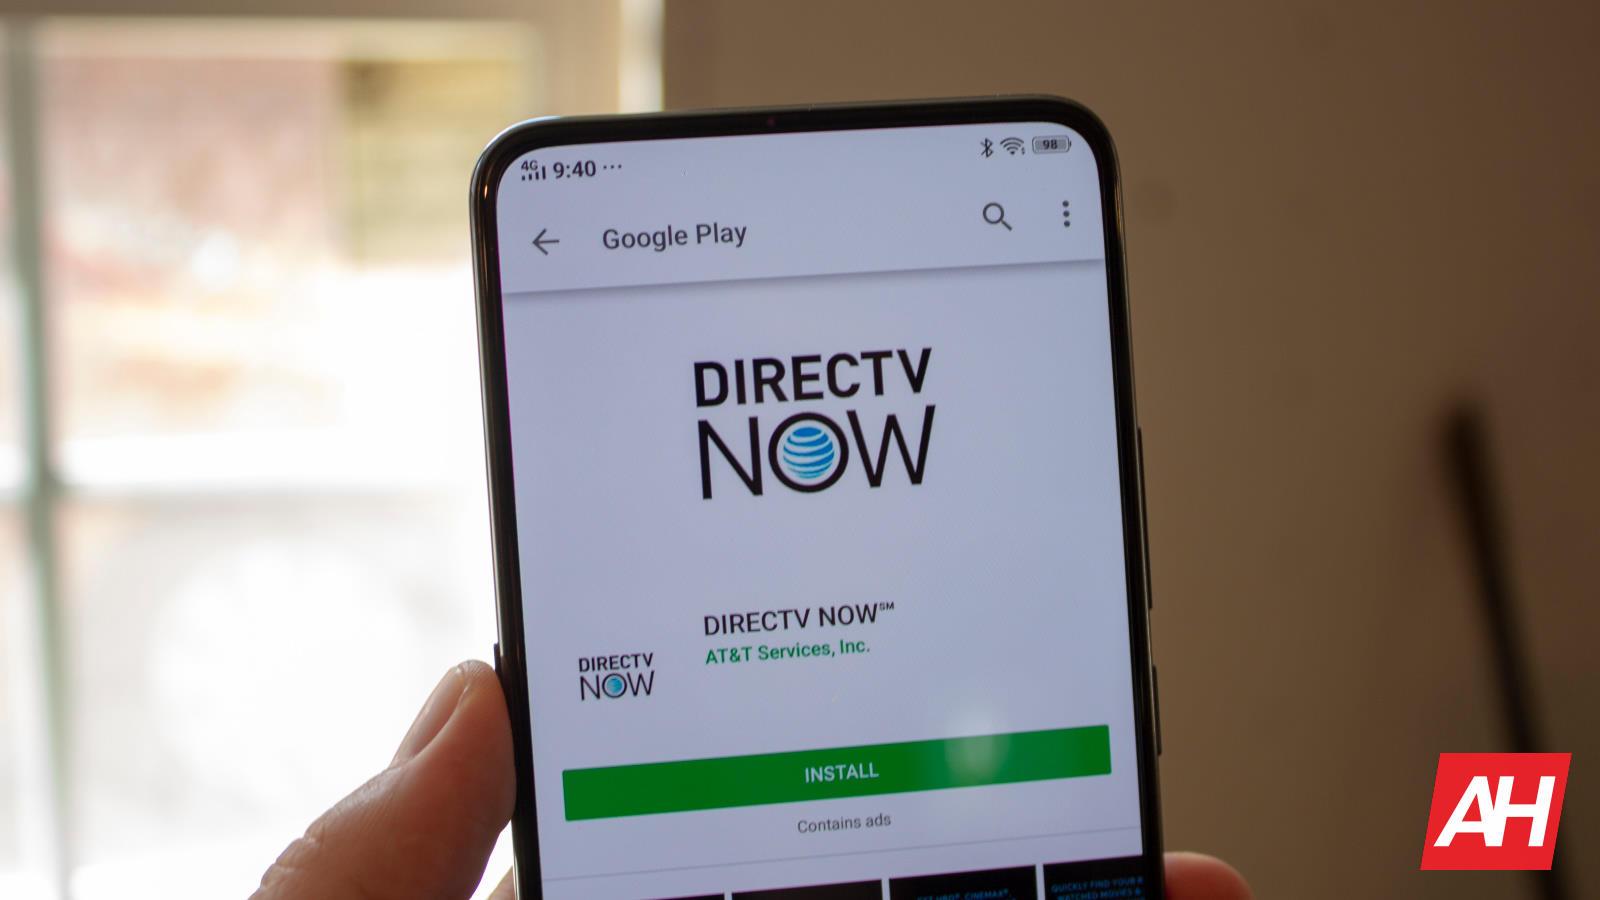 DIRECTV NOW Facing Tough 2019 After Alarming Subscriber Number Drop